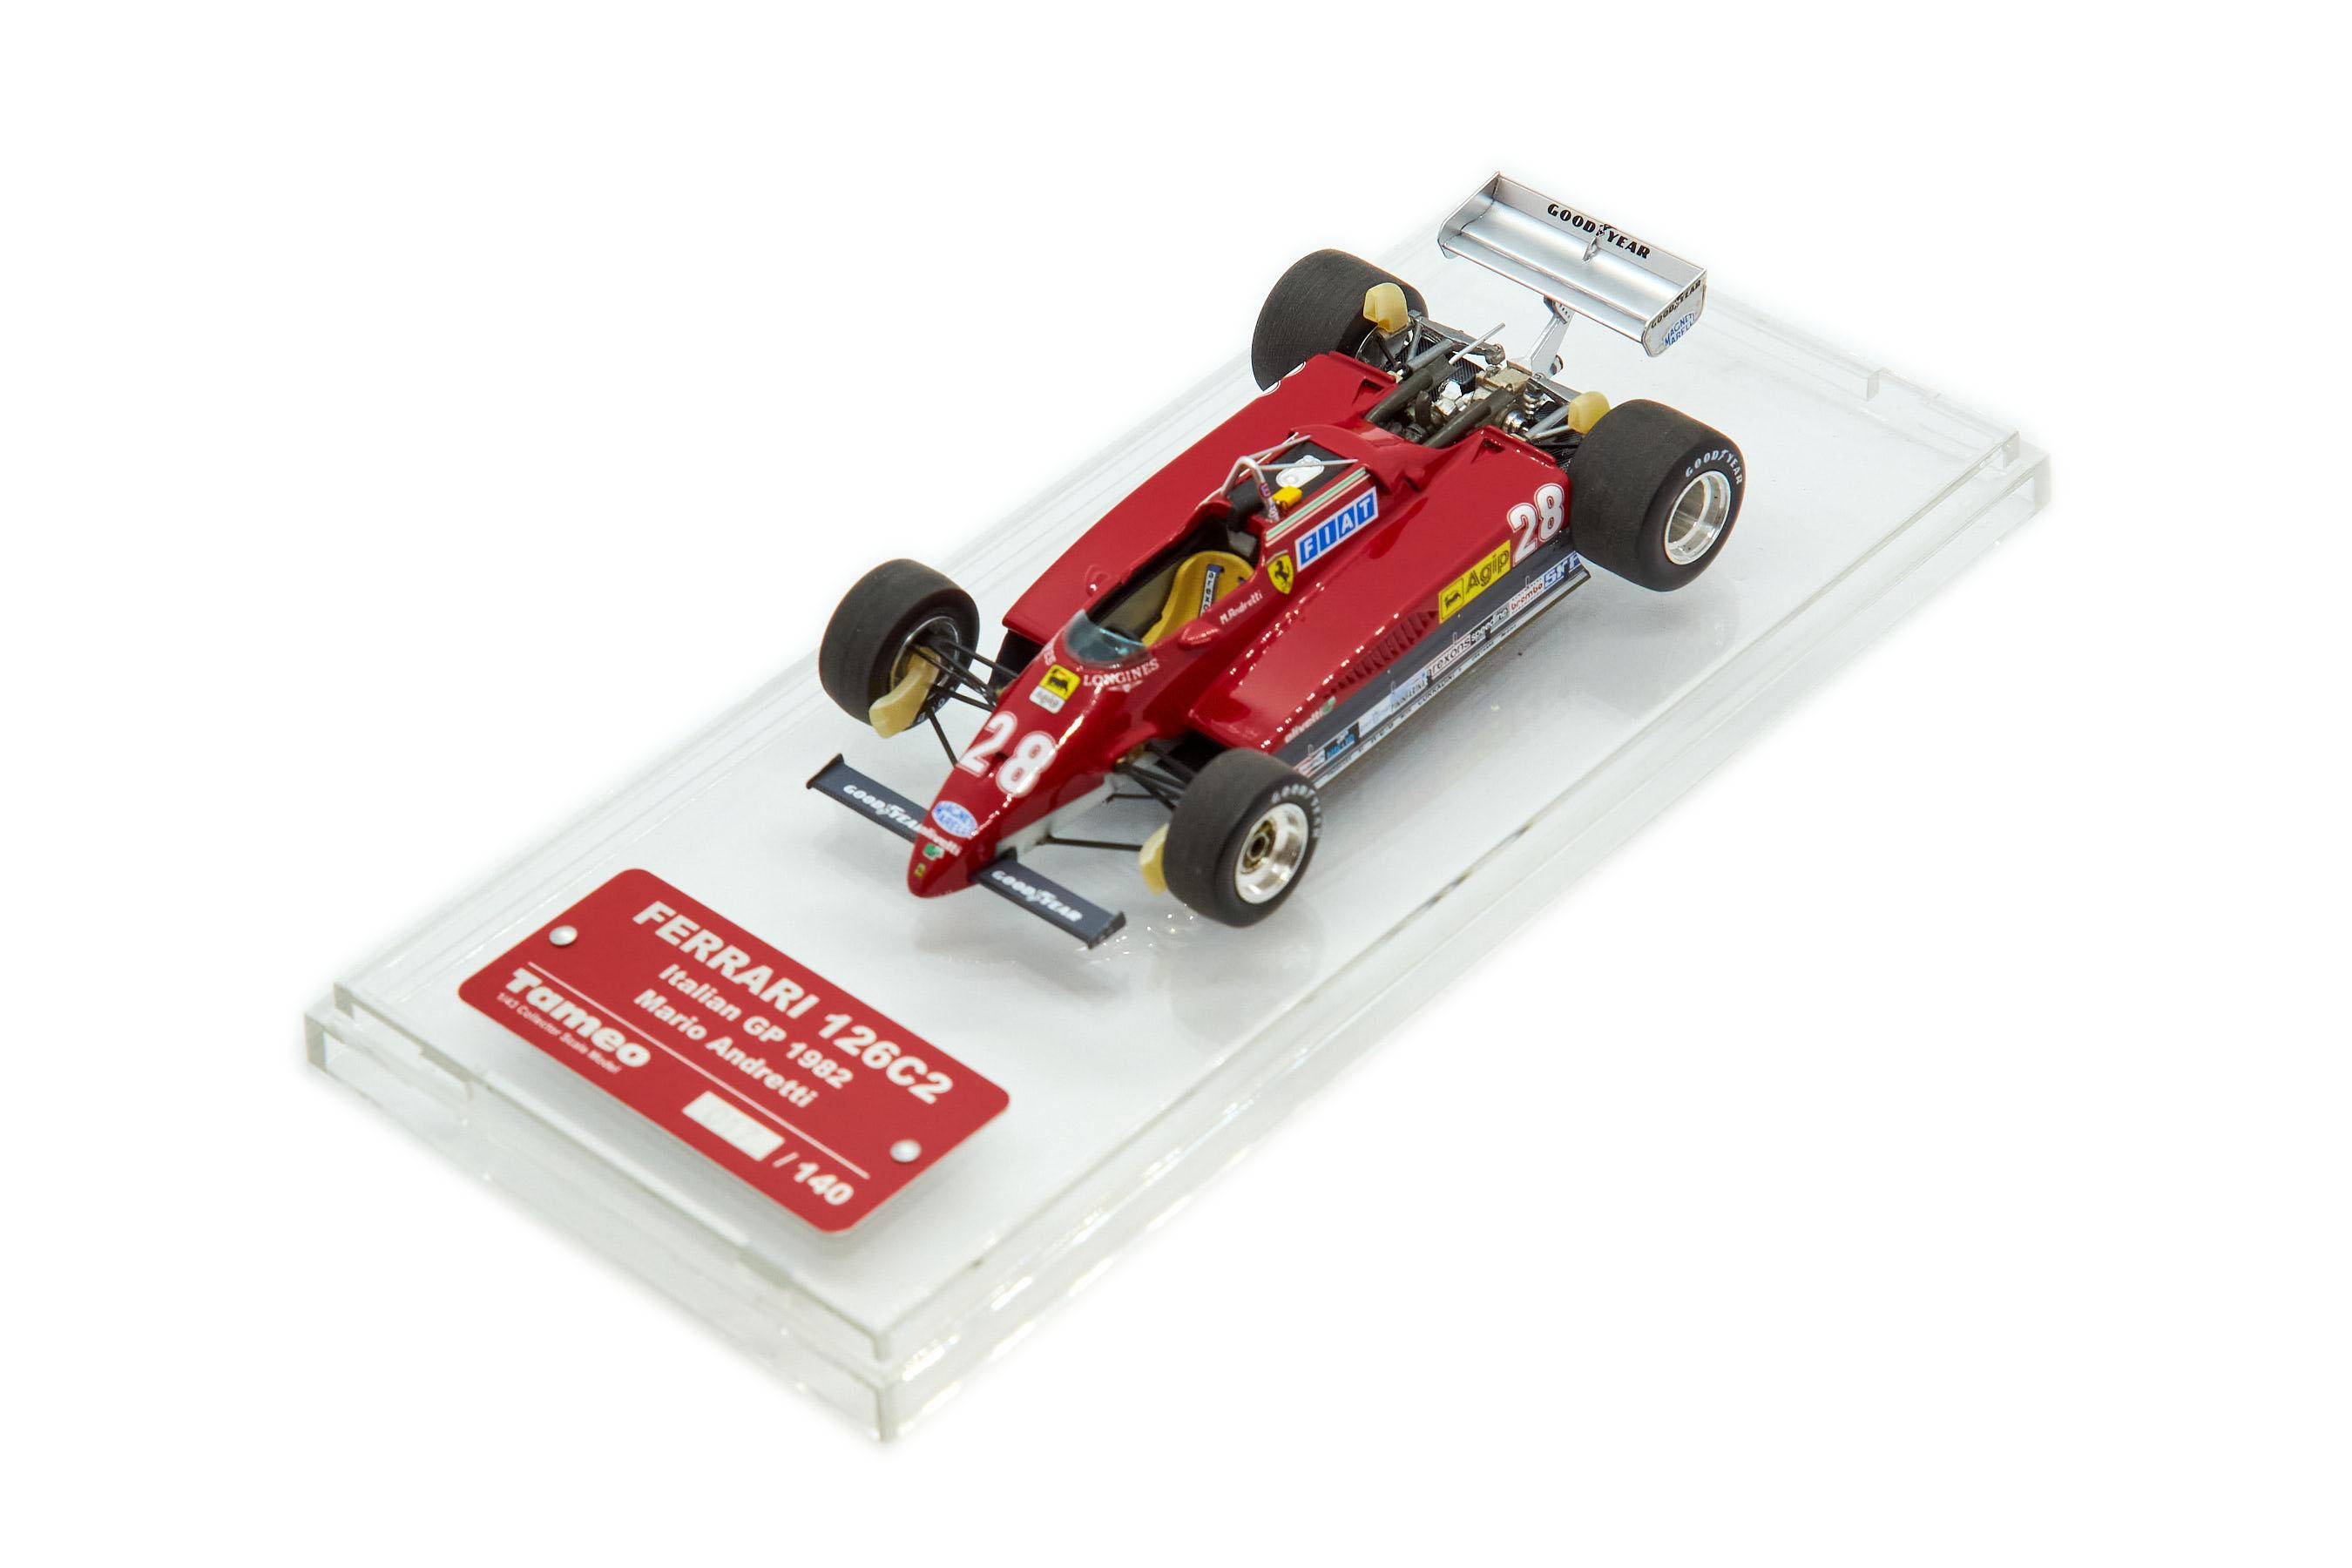 Ferrari 126 C2 Italian Gp 1982 1/43 Tameo Built